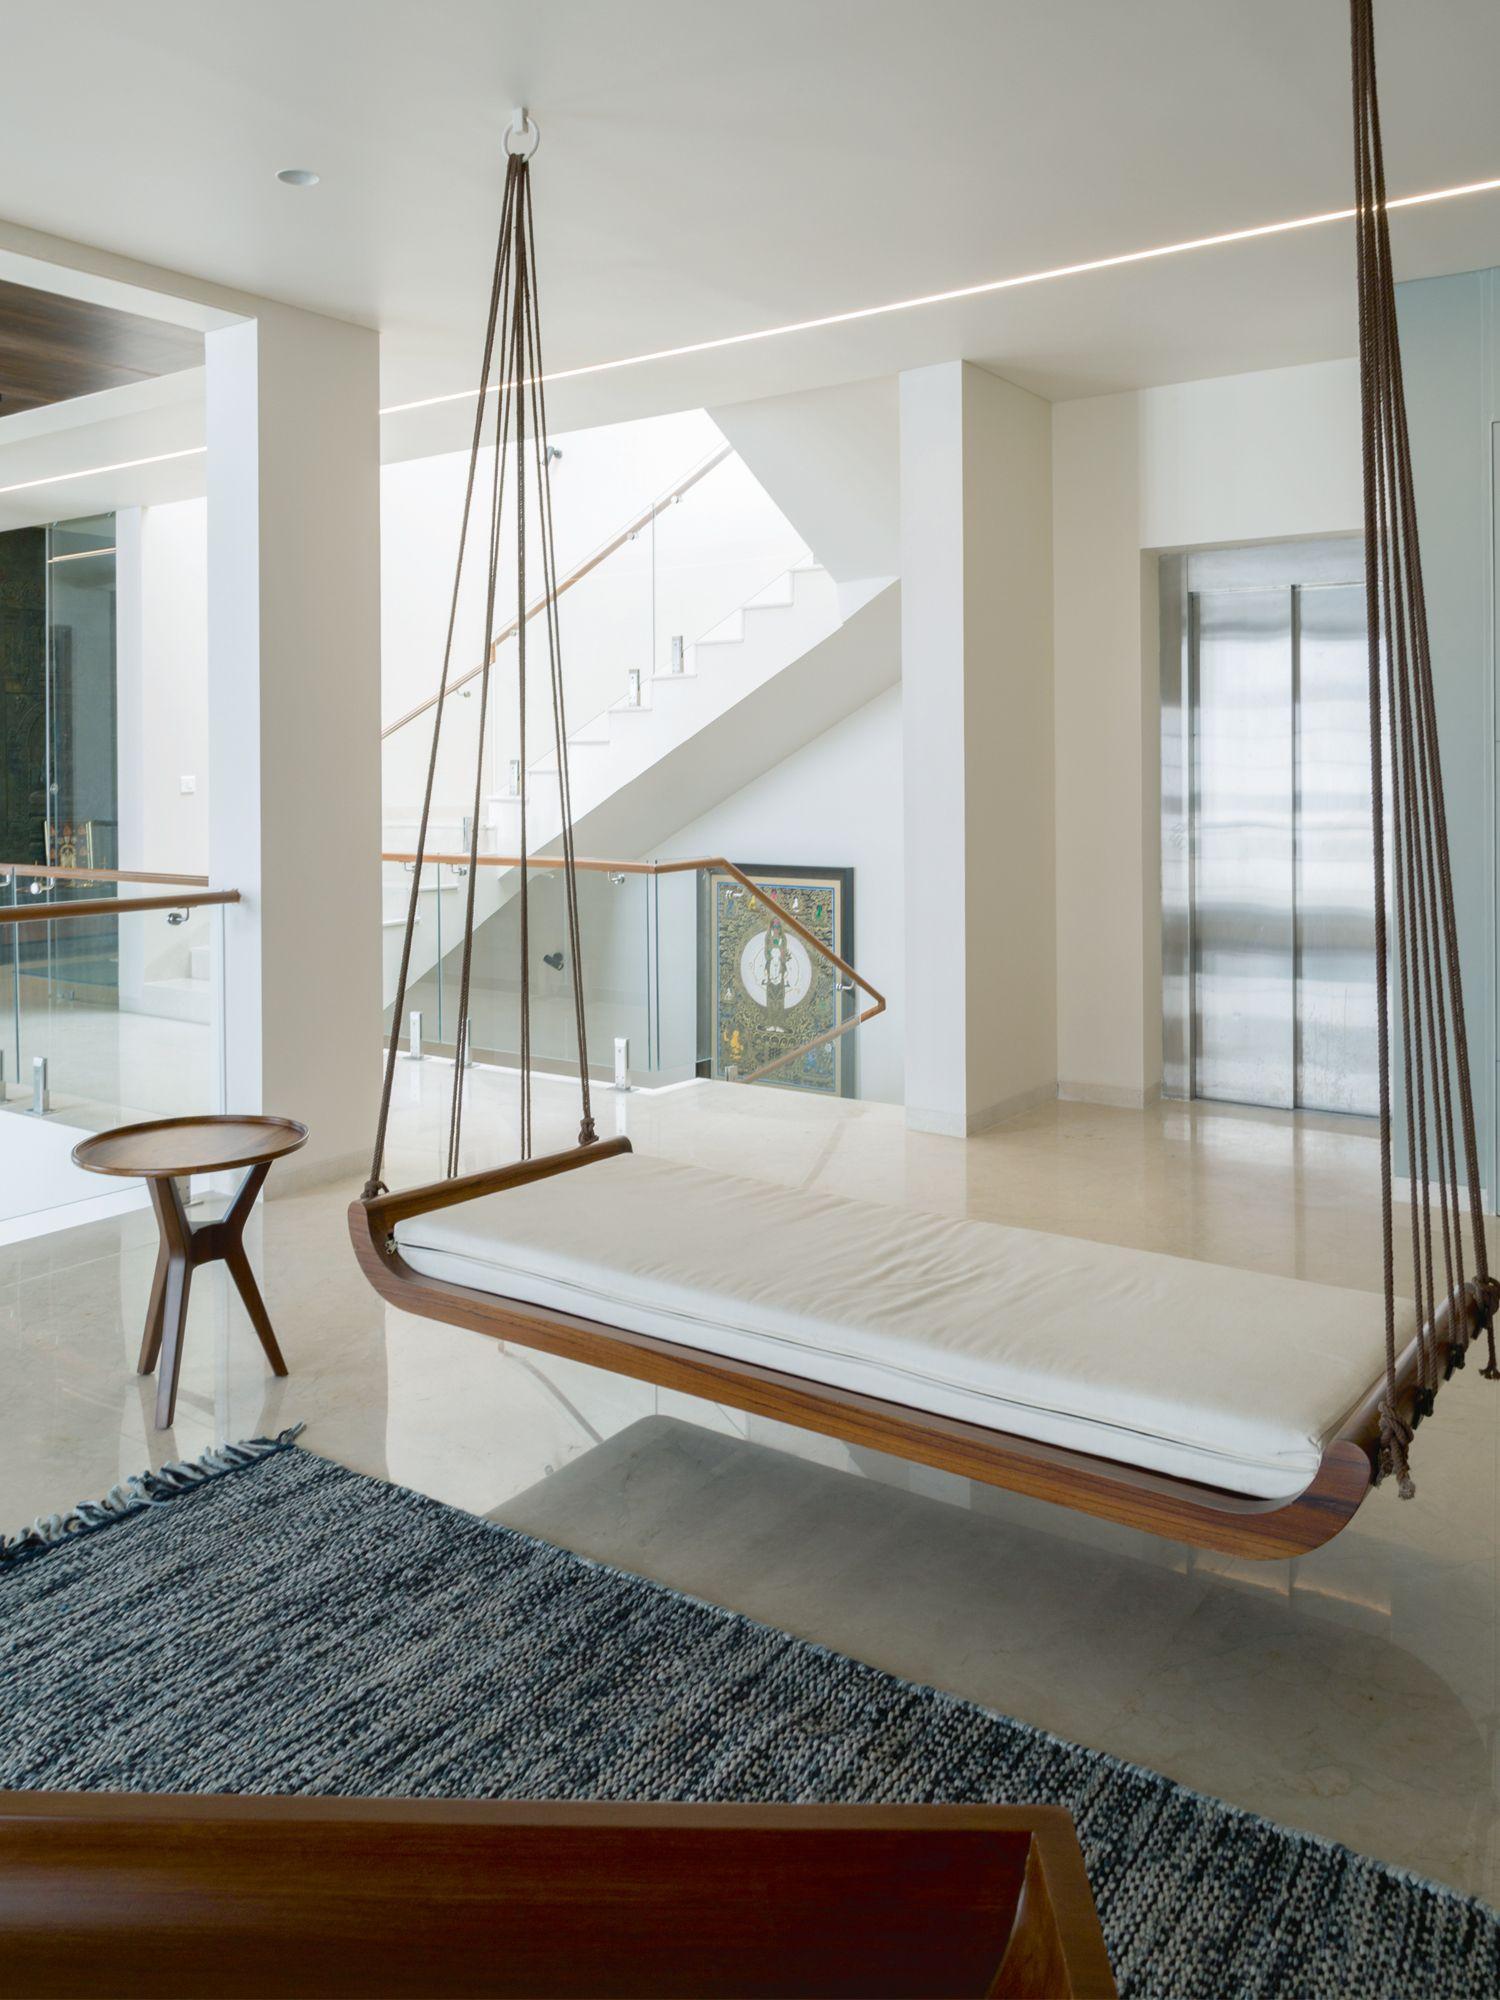 Installer une balançoire dans votre maison crée une ambiance ludique